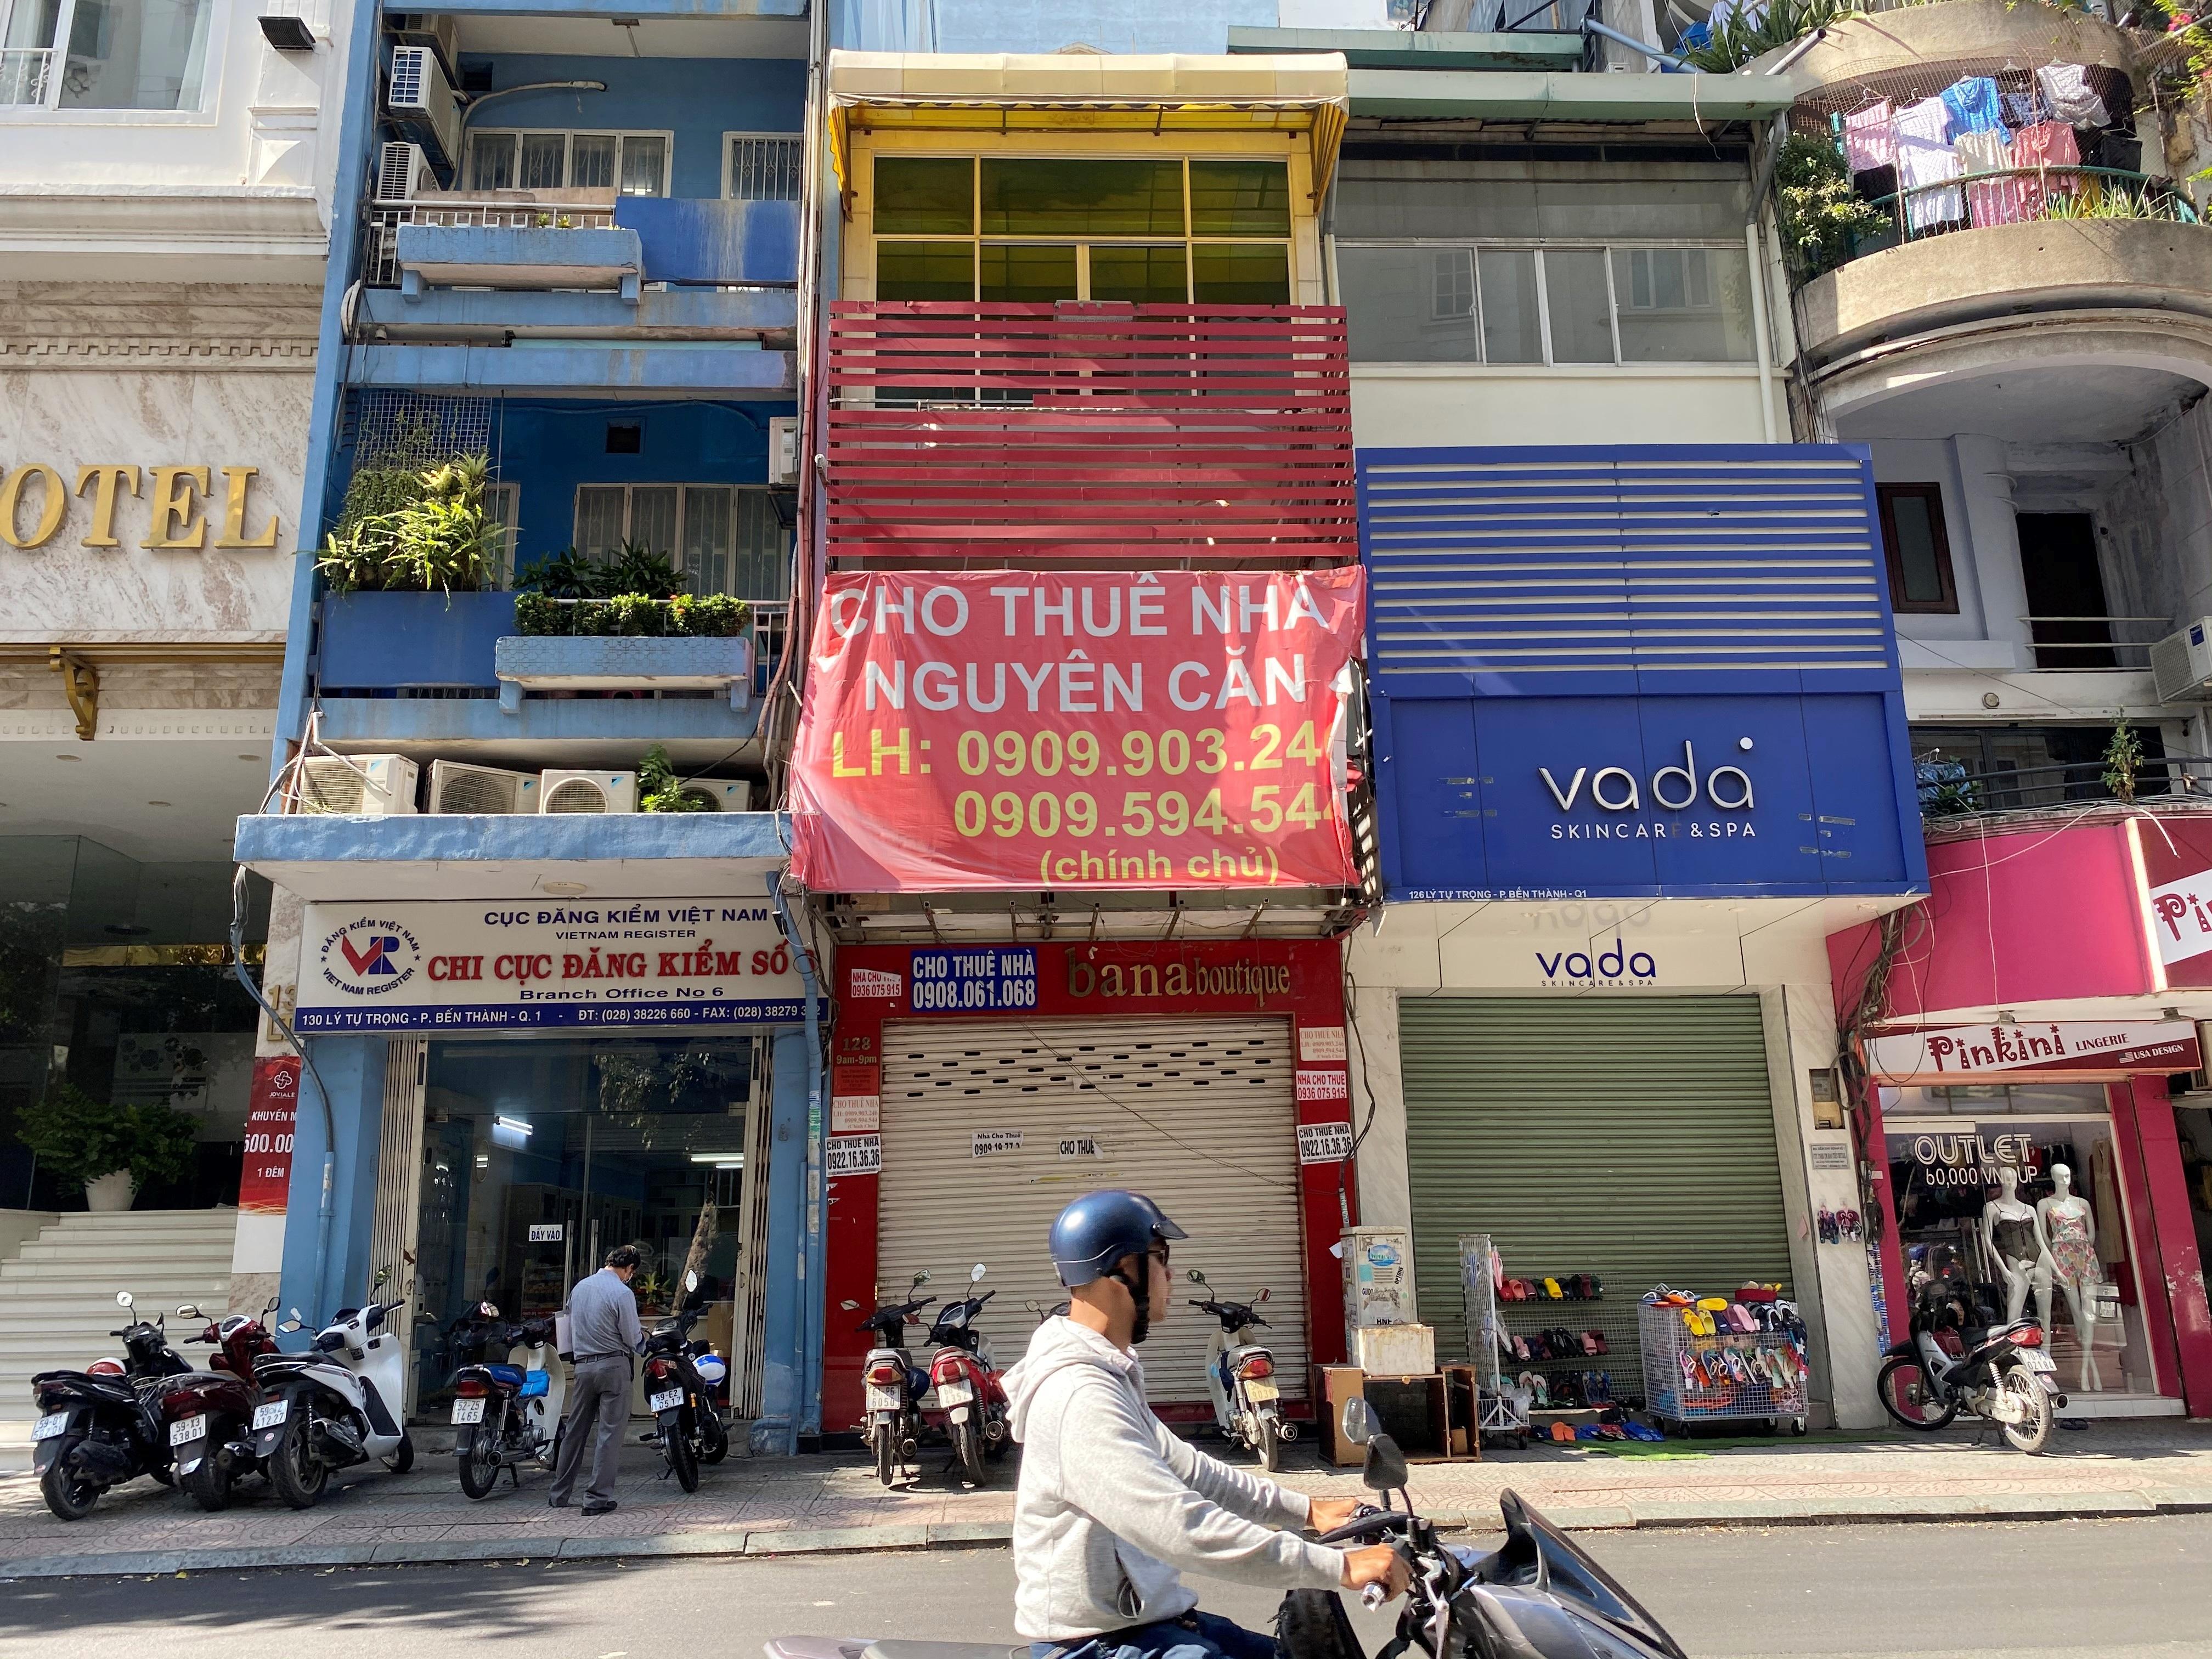 Giảm giá 80 triệu đồng/tháng, đất vàng Sài Gòn